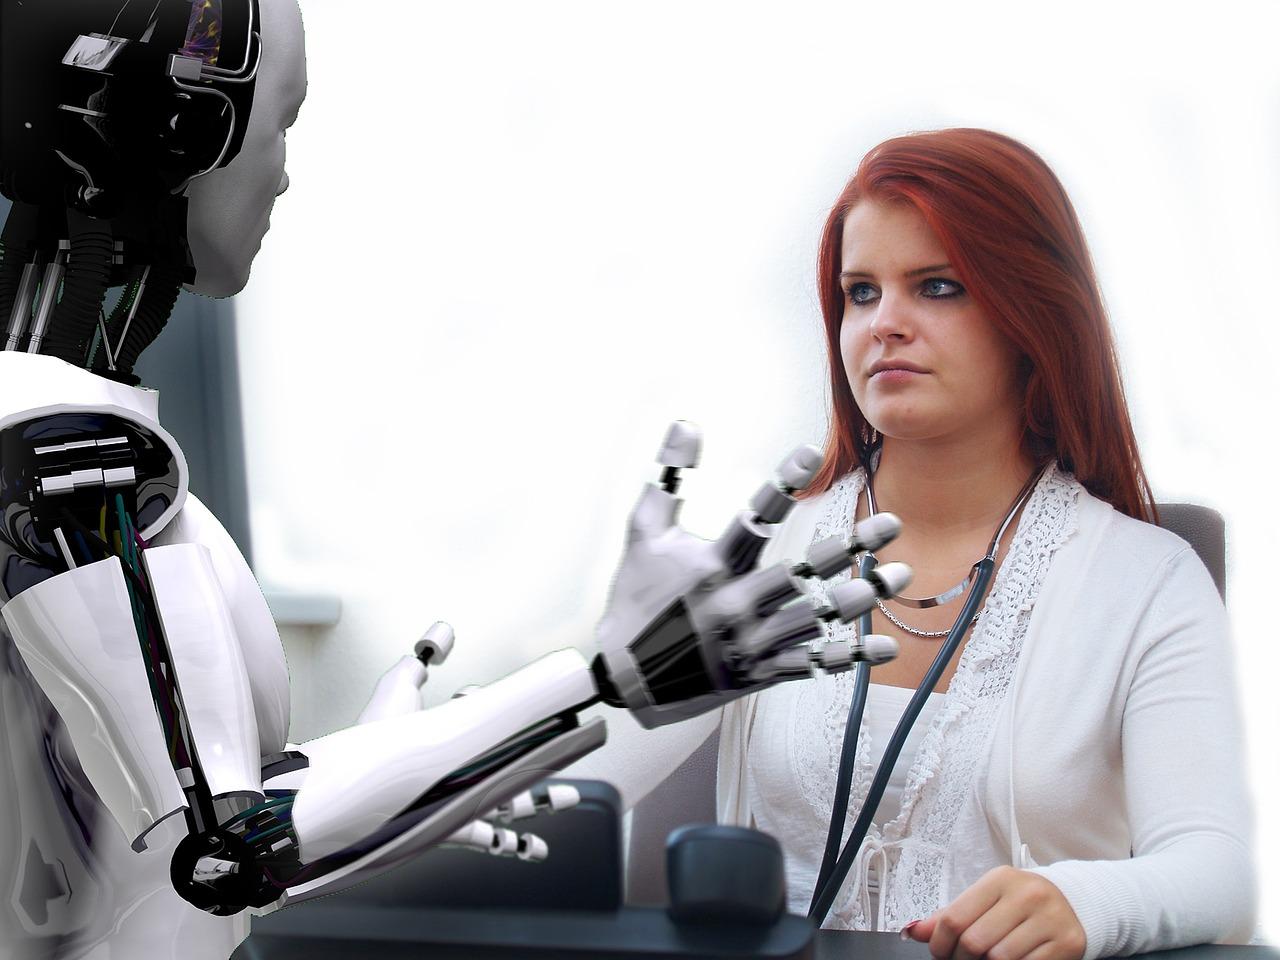 L'intelligence artificielle aujourd'hui